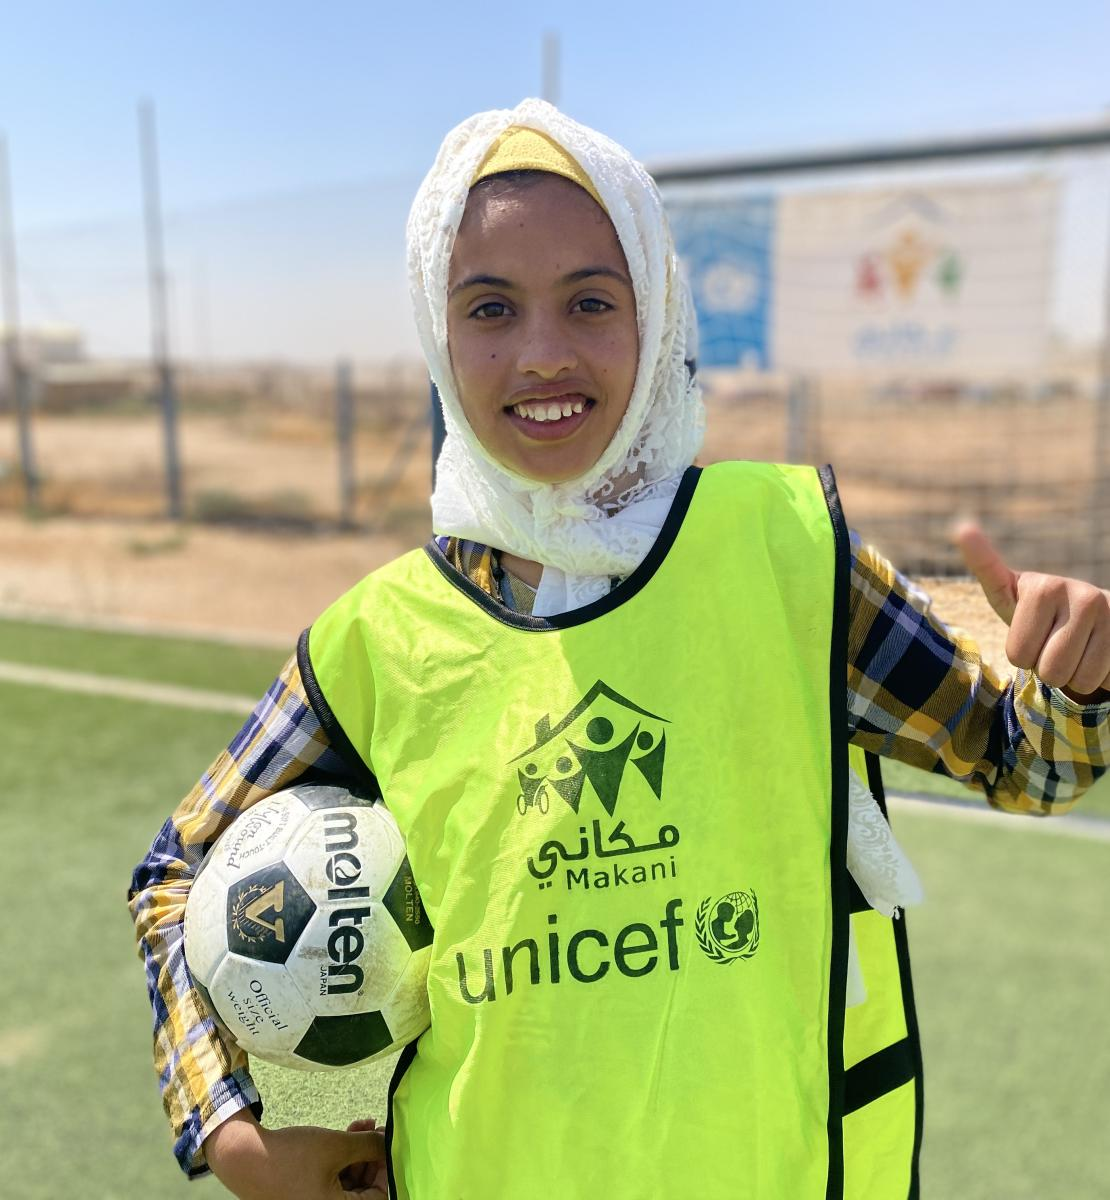 Sur un terrain de football, une jeune fille tient un ballon de football sous le bras et lève le pouce de l'autre main en souriant à l'objectif. Elle porte un foulard blanc sur la tête et est vêtue d'un maillot de couleur jaune portant le logo de l'UNICEF et celui du programme Makani.